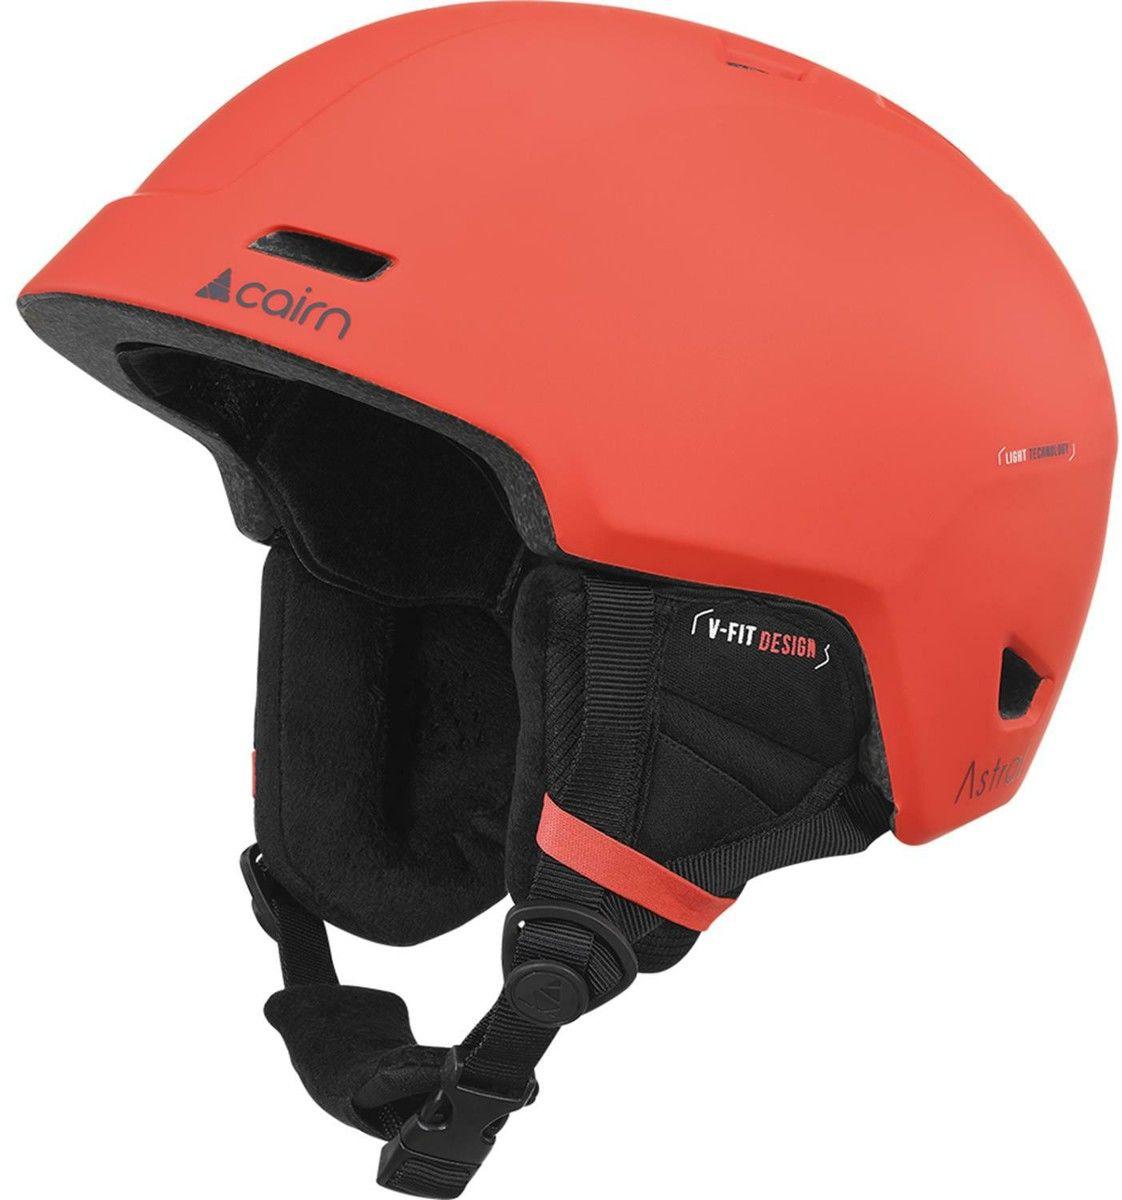 CAIRN kask zimowy narciarski/snowboardowy ASTRAL czerwony Rozmiar: 55-56,060614087